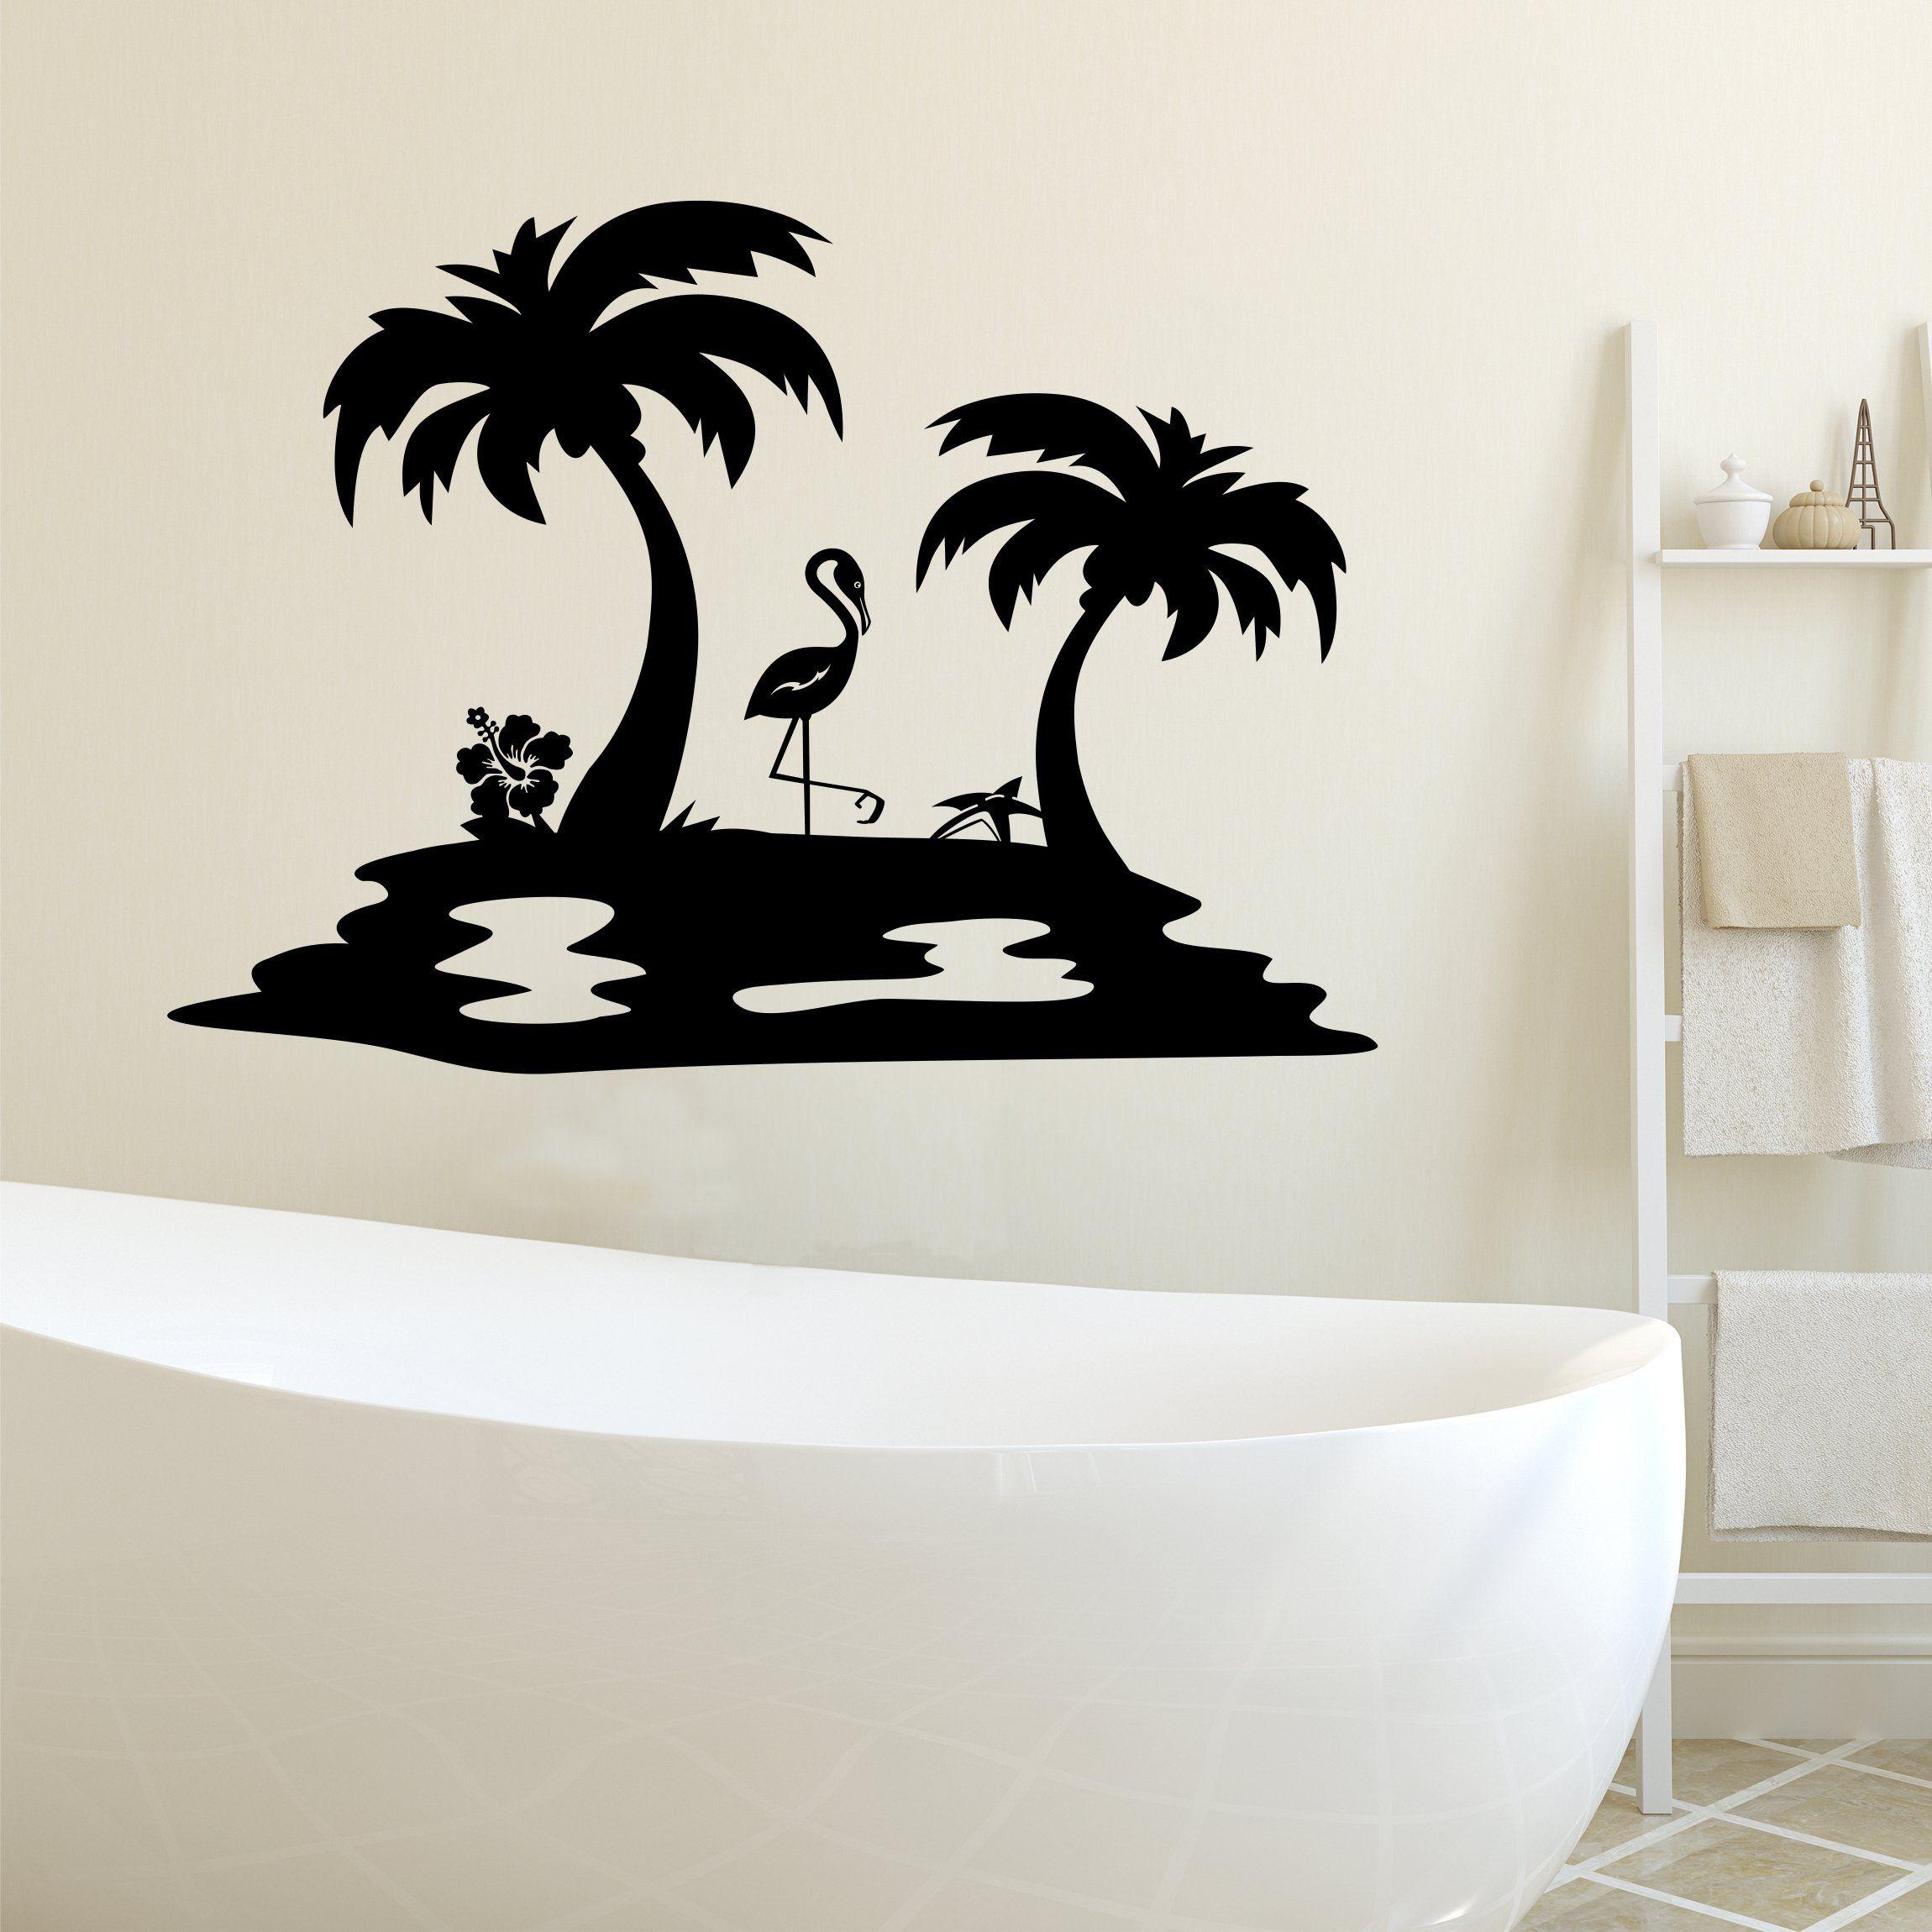 Bathroom Wall Decal Island Palm Trees Beach House Decor Vinyl